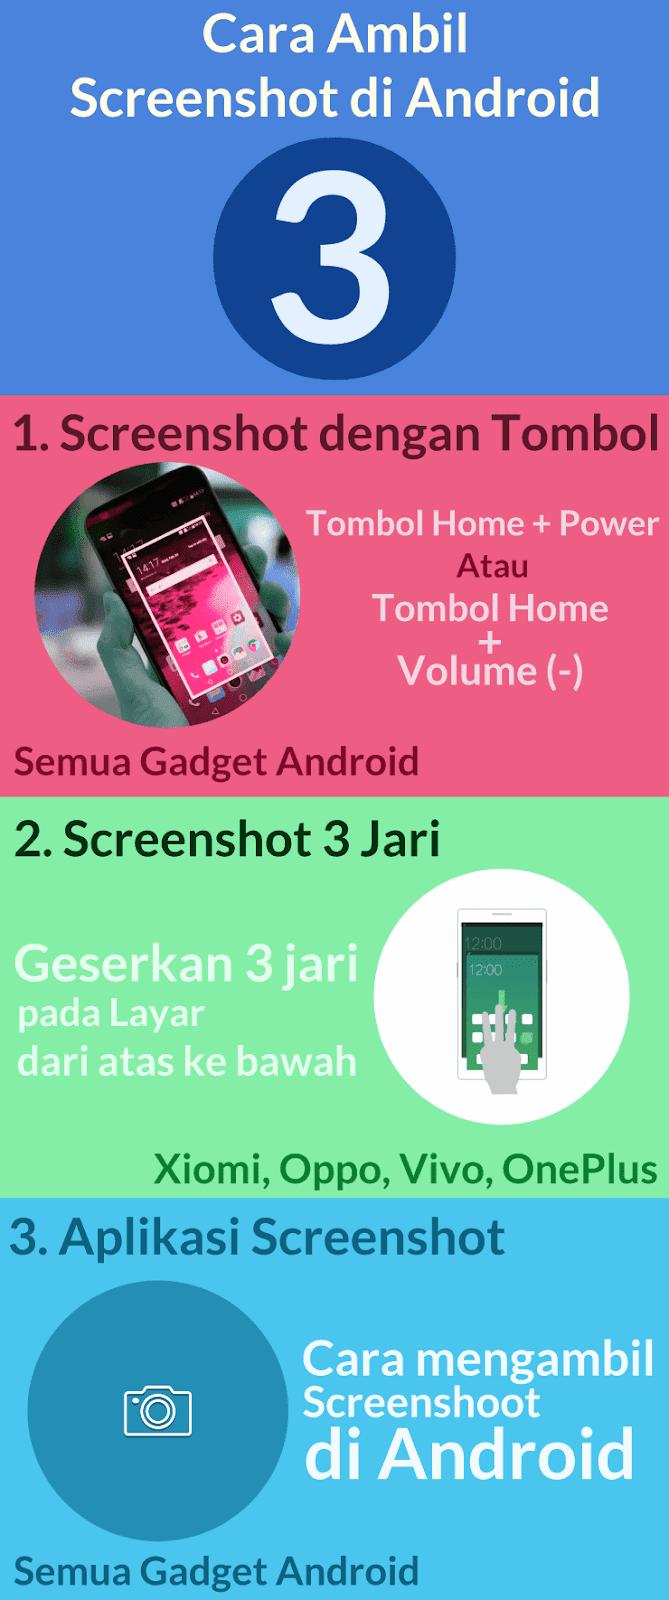 Infografis screenshot, infografis screenshot android, screenshot di android